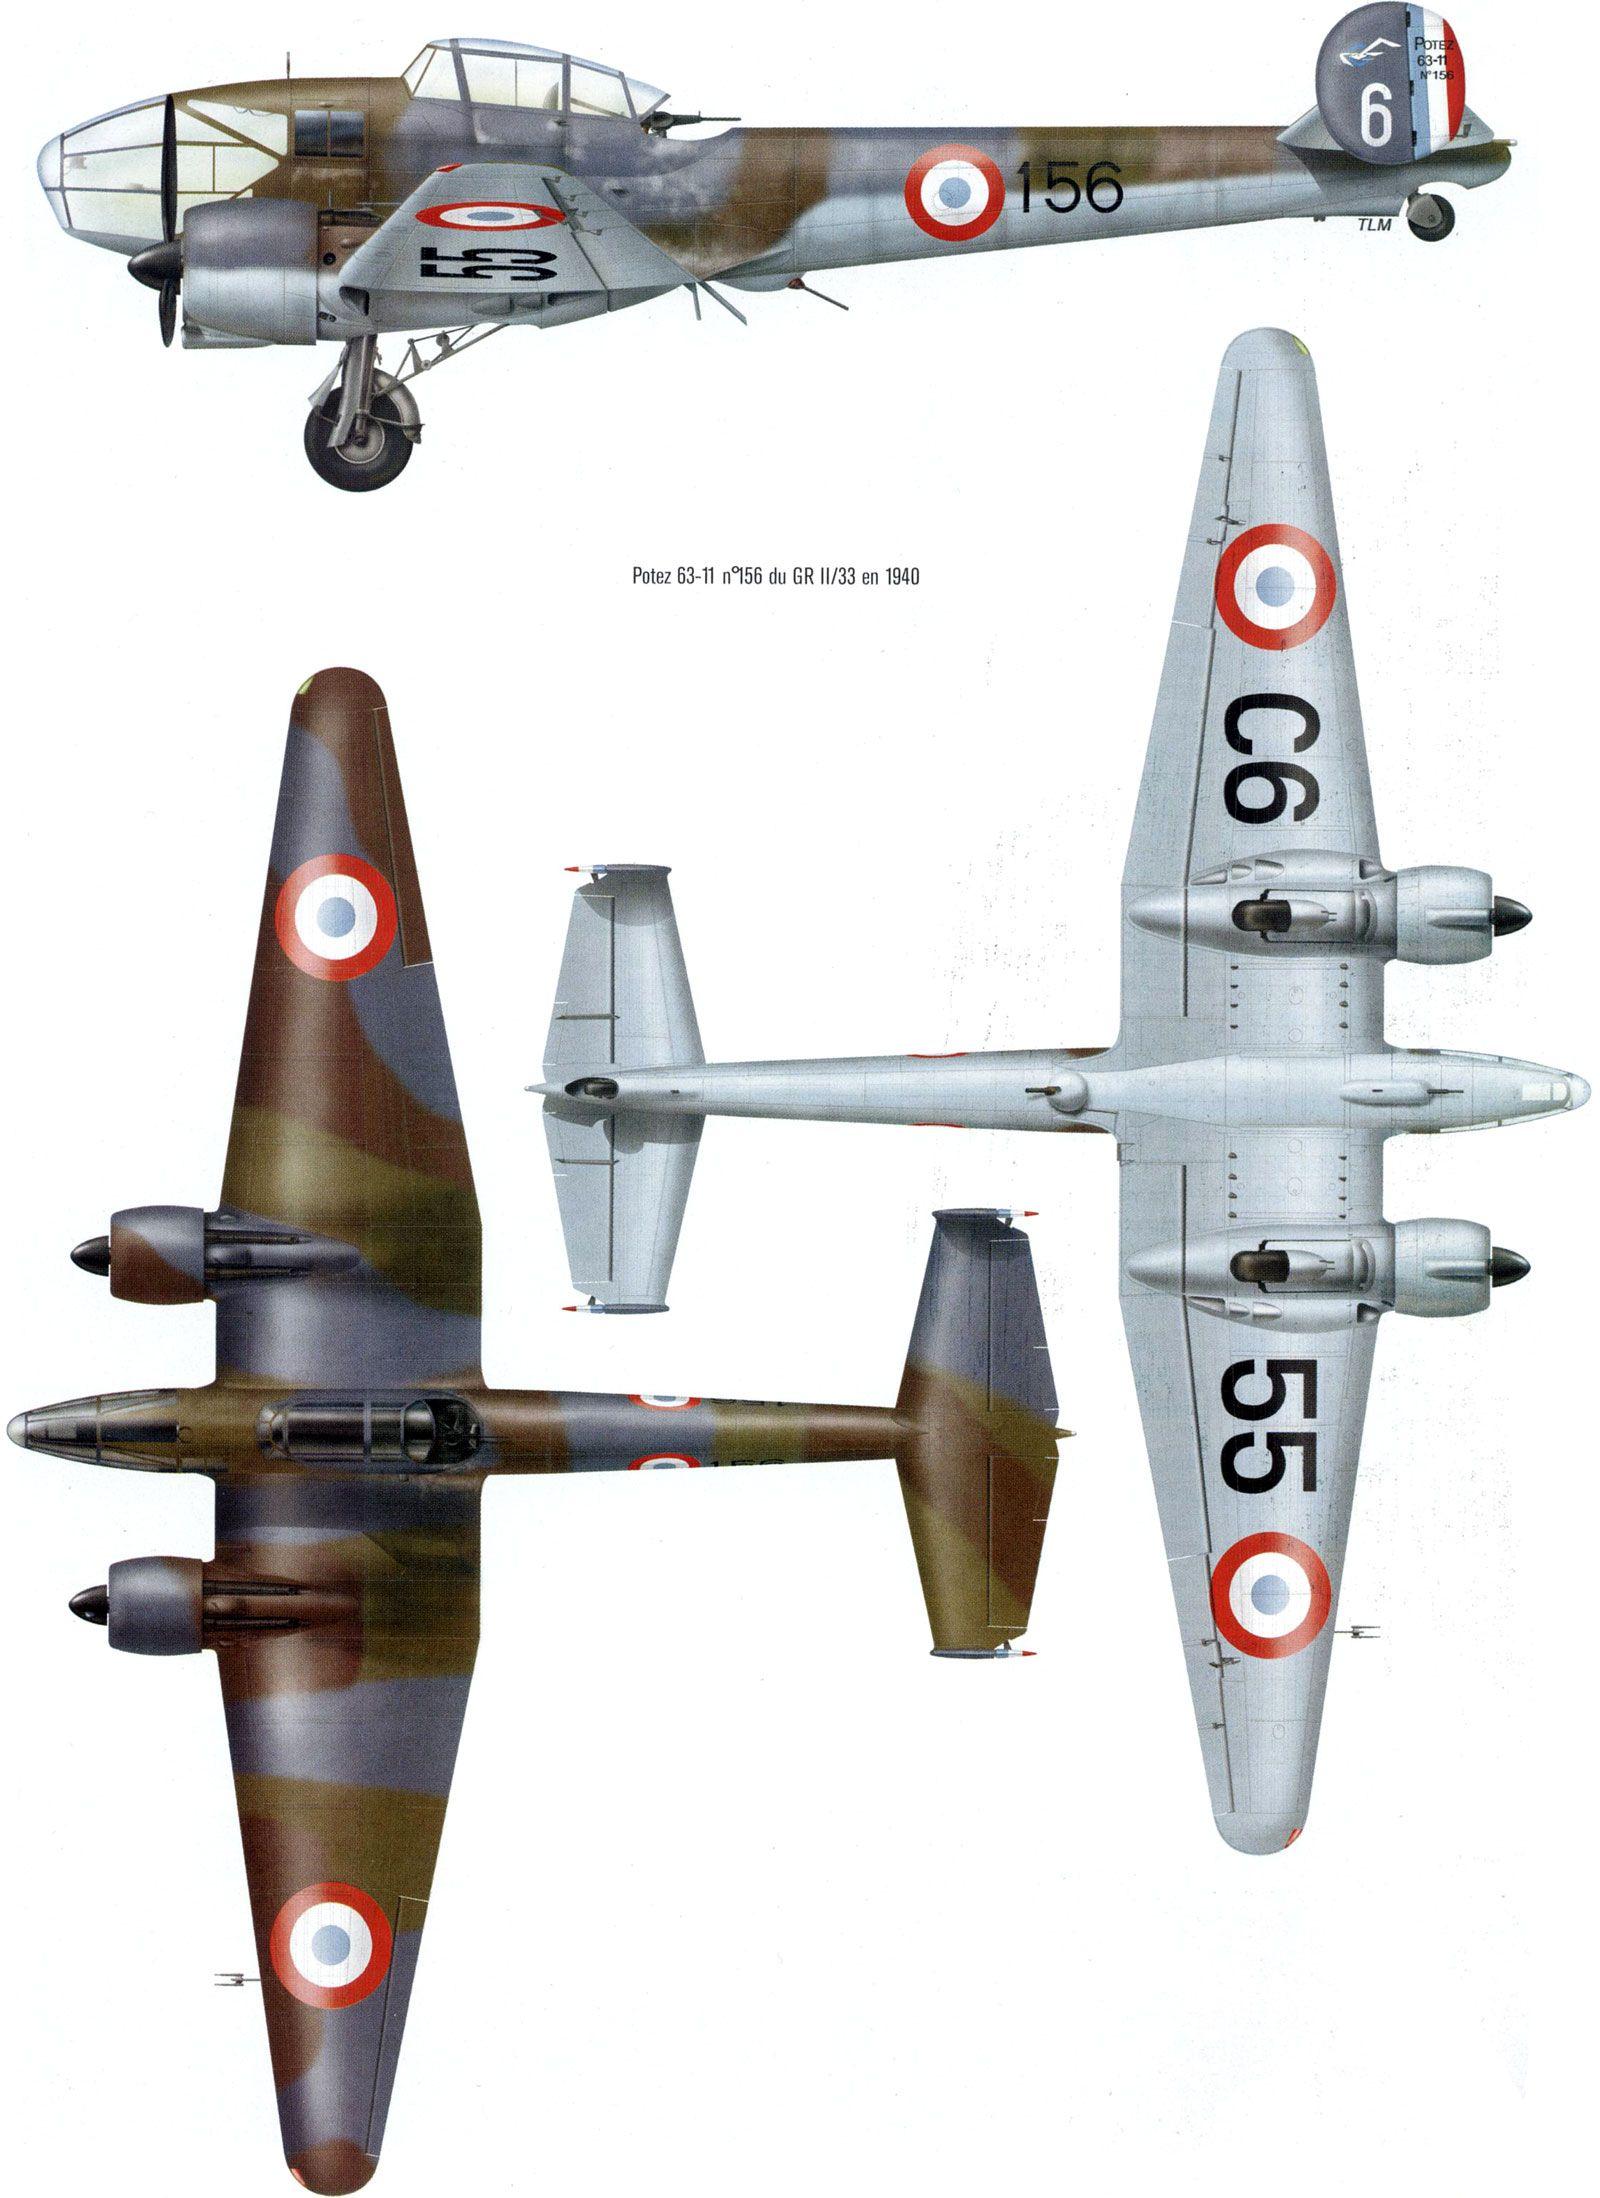 Armée De L'air Française 1940 : armée, l'air, française, Samoloty, Plansze